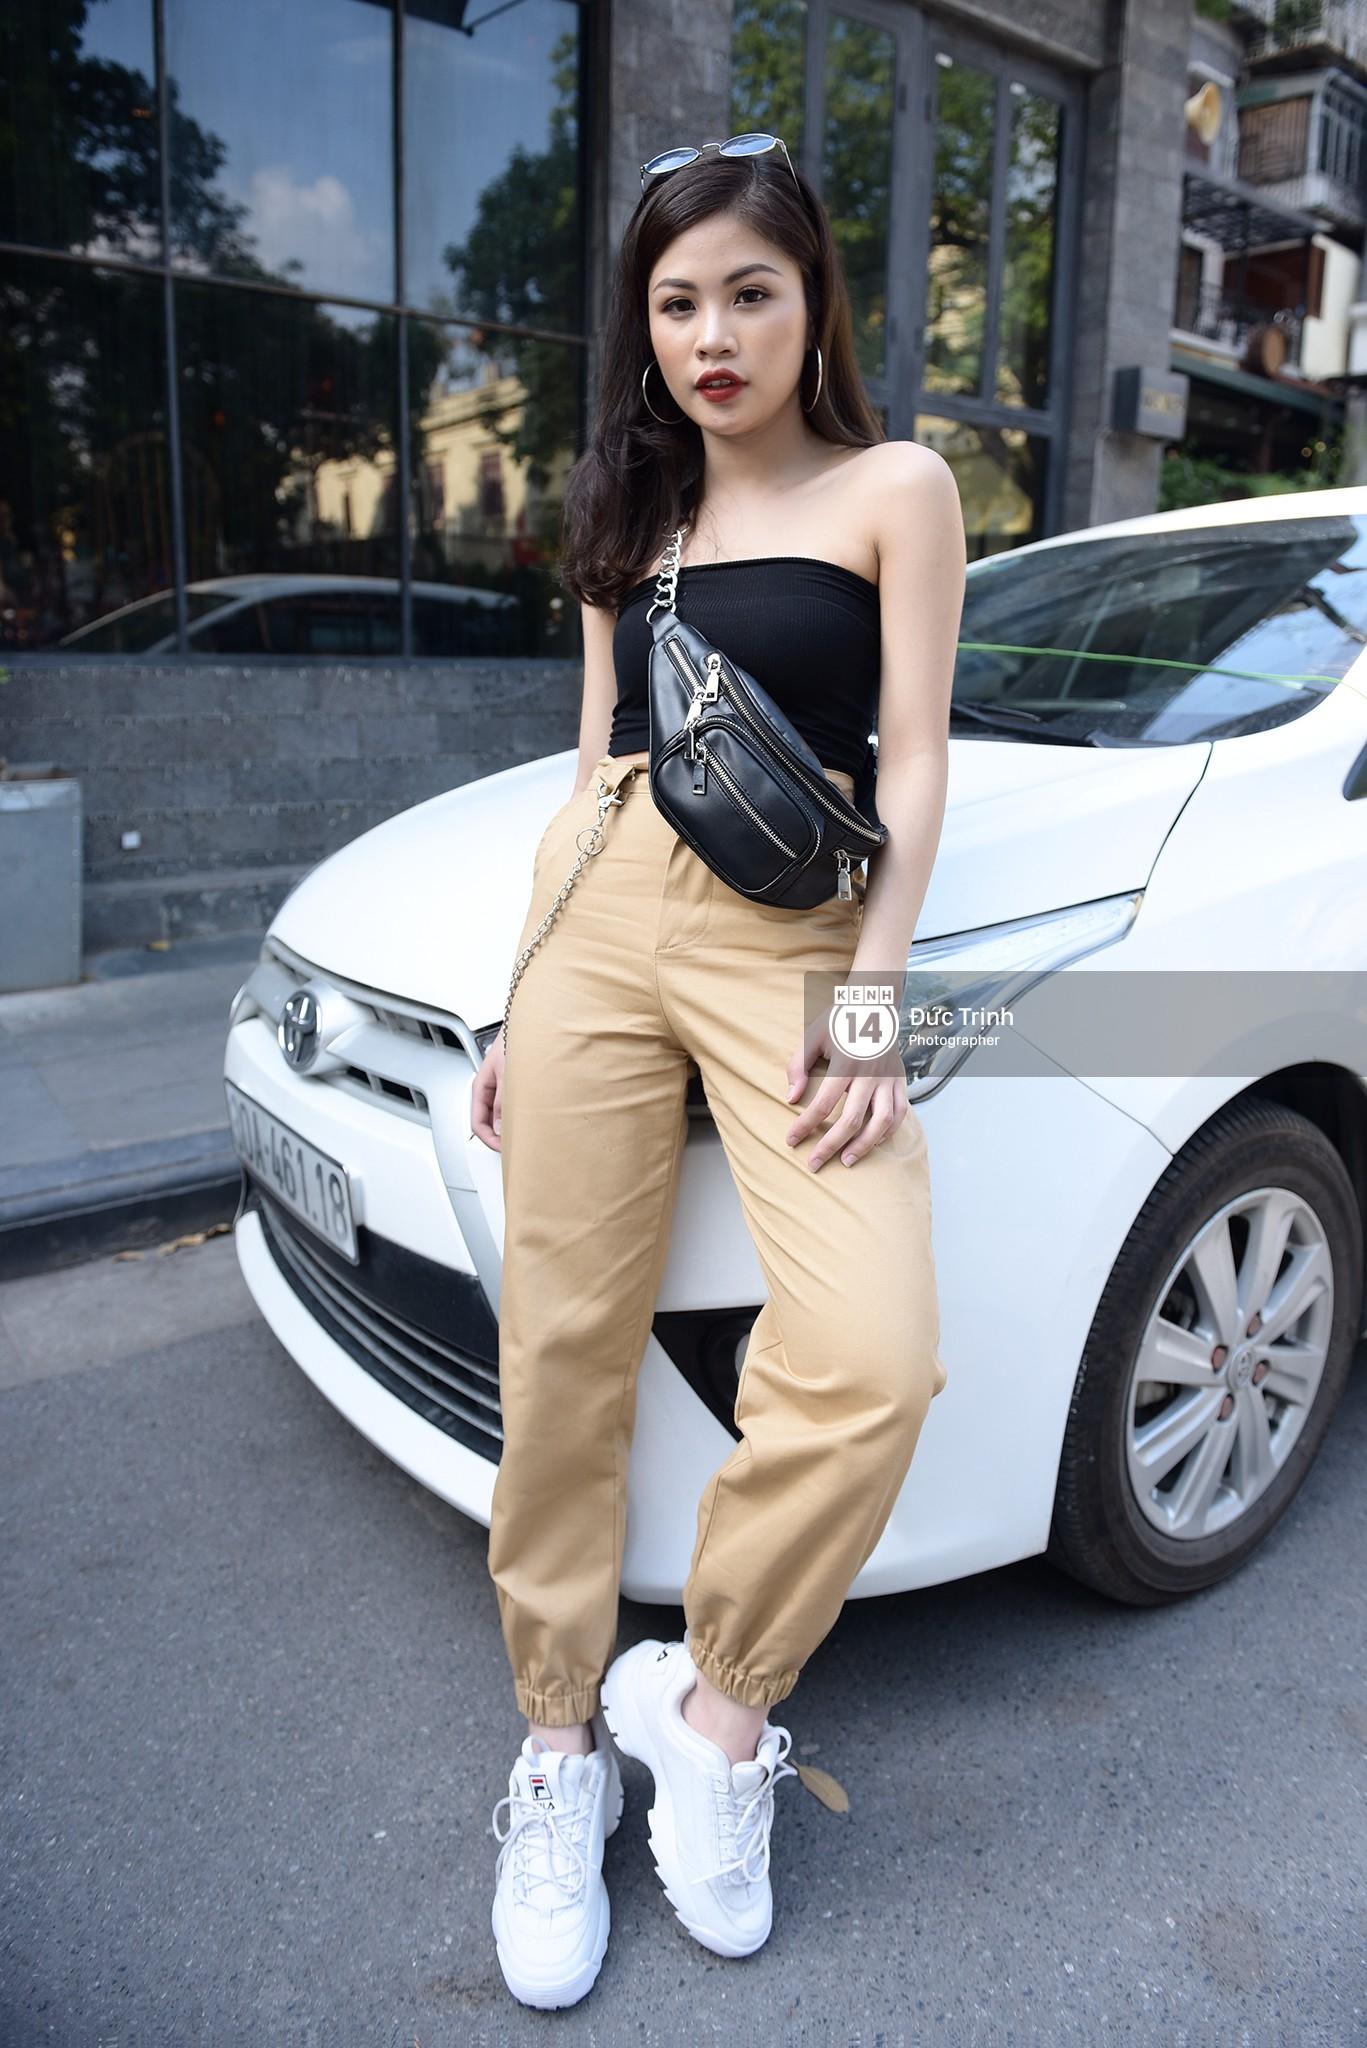 Street style giới trẻ Việt: Hà Nội toàn áo 2 dây và xuyên thấu mát mẻ; Sài Gòn vẫn điệp khúc càng ấm càng chất - Ảnh 3.